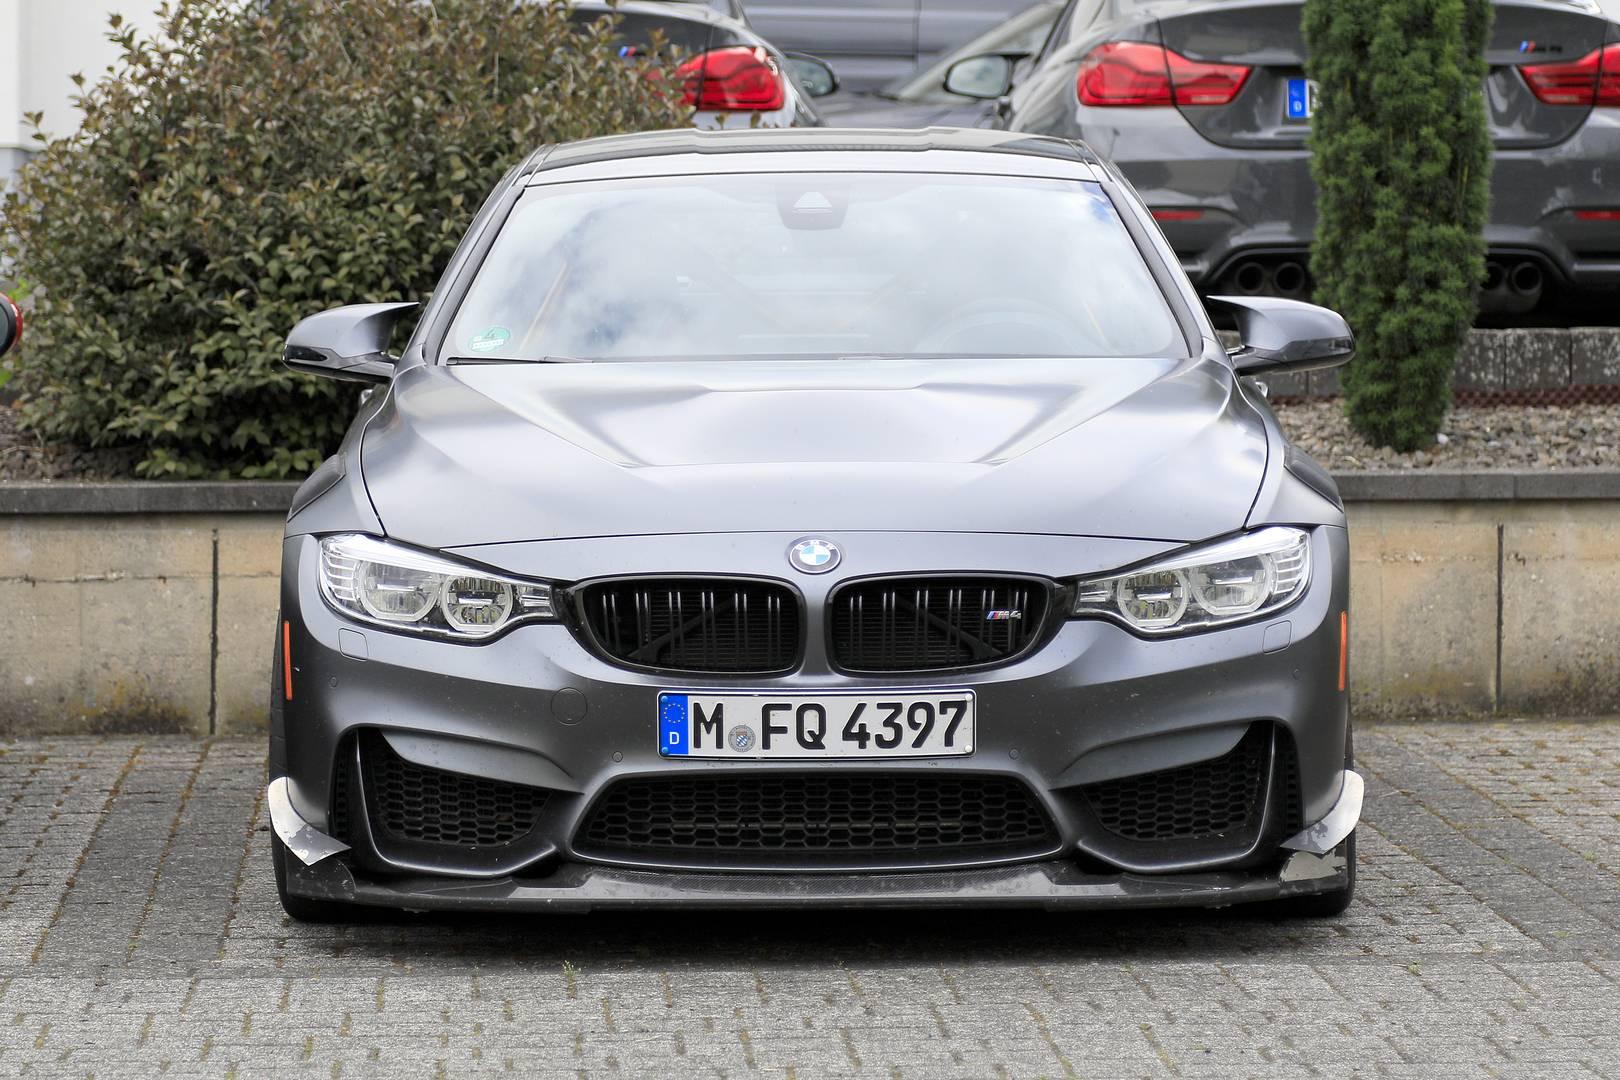 На этой неделе он был замечен вблизи Нюрбургринга, что, возможно, указывает на намерения BMW улучшить текущее время круга M4 – 7:28. Источники предполагают, что он получит повышение мощности, чтобы больше соответствовать модифицированному кузову. Но